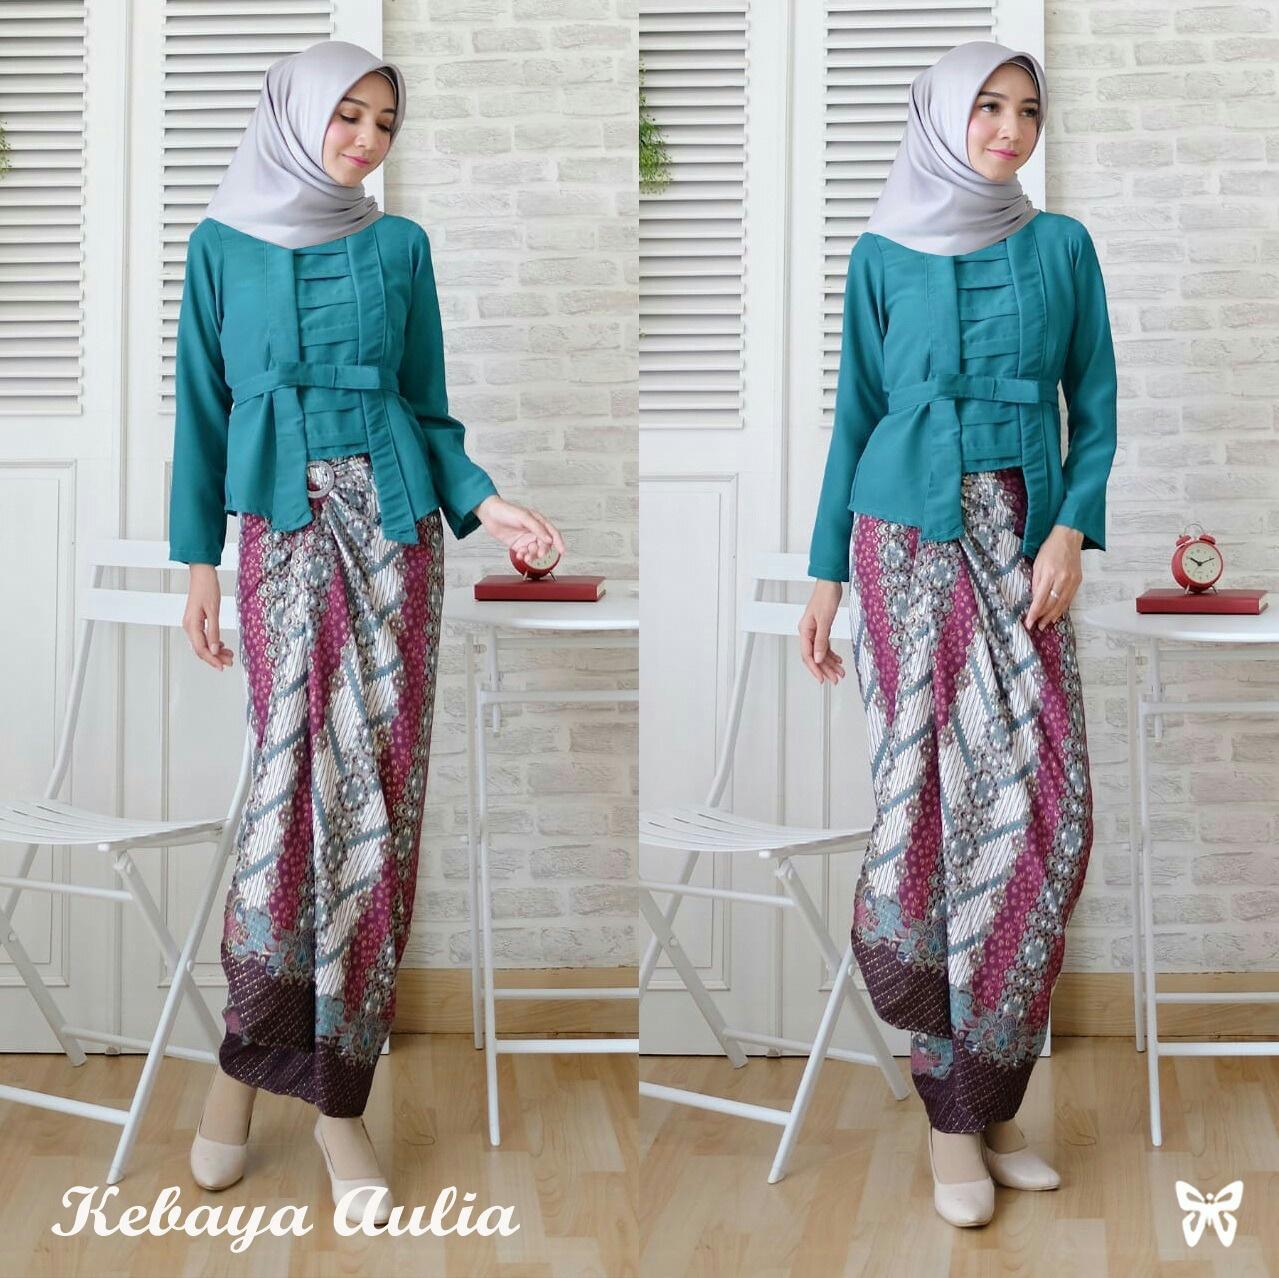 Queenshop - Gamis Kebaya Aulia / Baju Gamis / Maxi Wanita / Baju Muslim